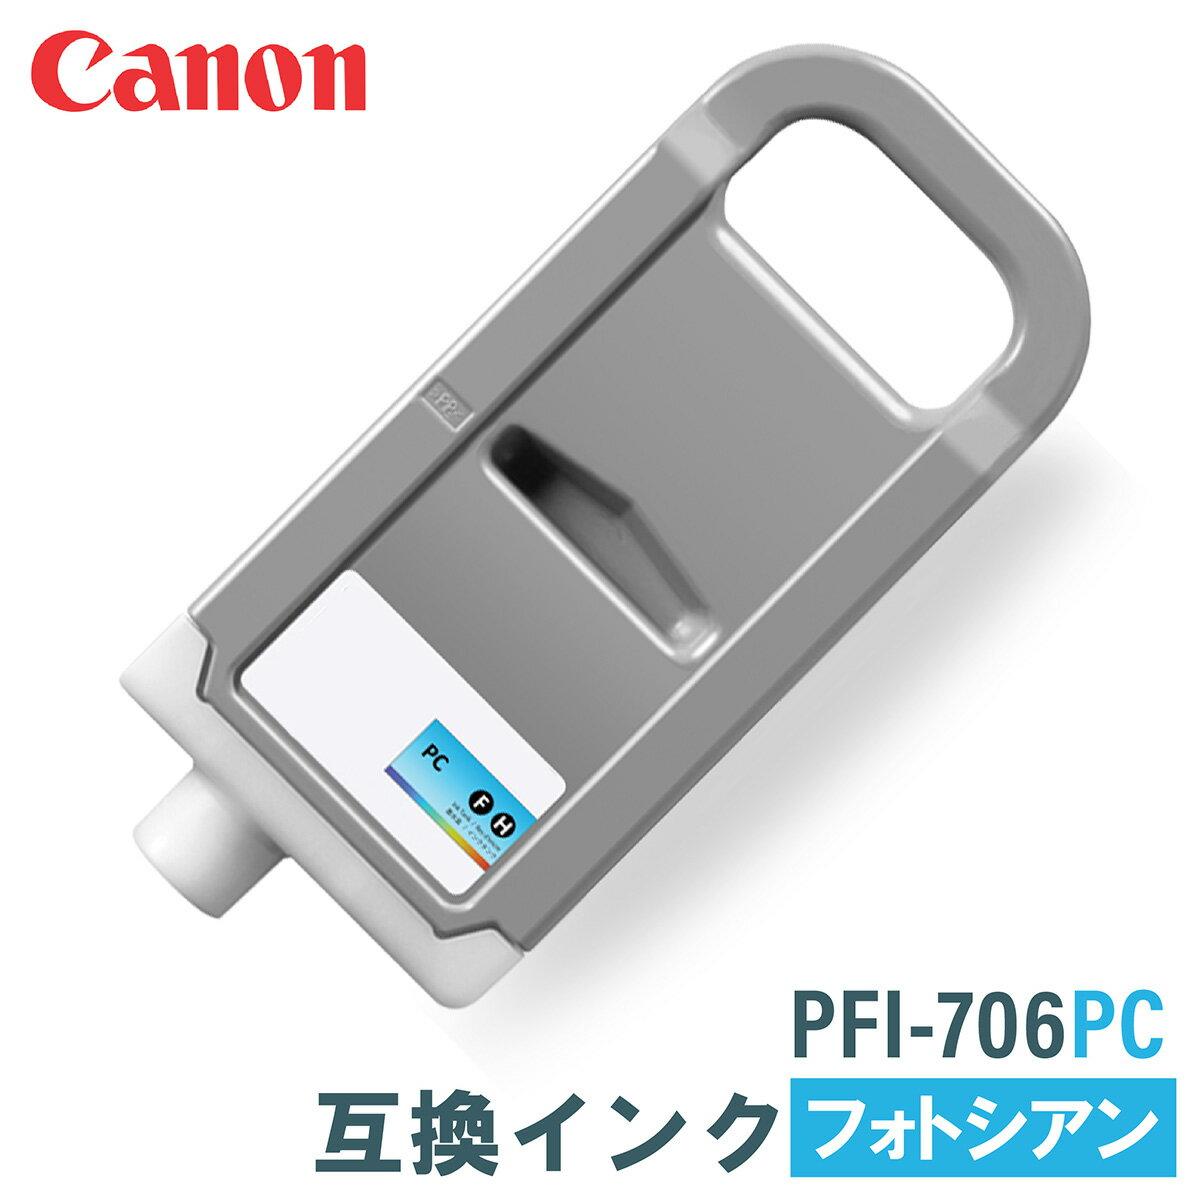 キャノン CANON PFI-706PC フォトシアン 700ml 互換インク インクタンク インクカートリッジ 顔料 大判プリンター パソコン周辺機器 低価格 送料無料